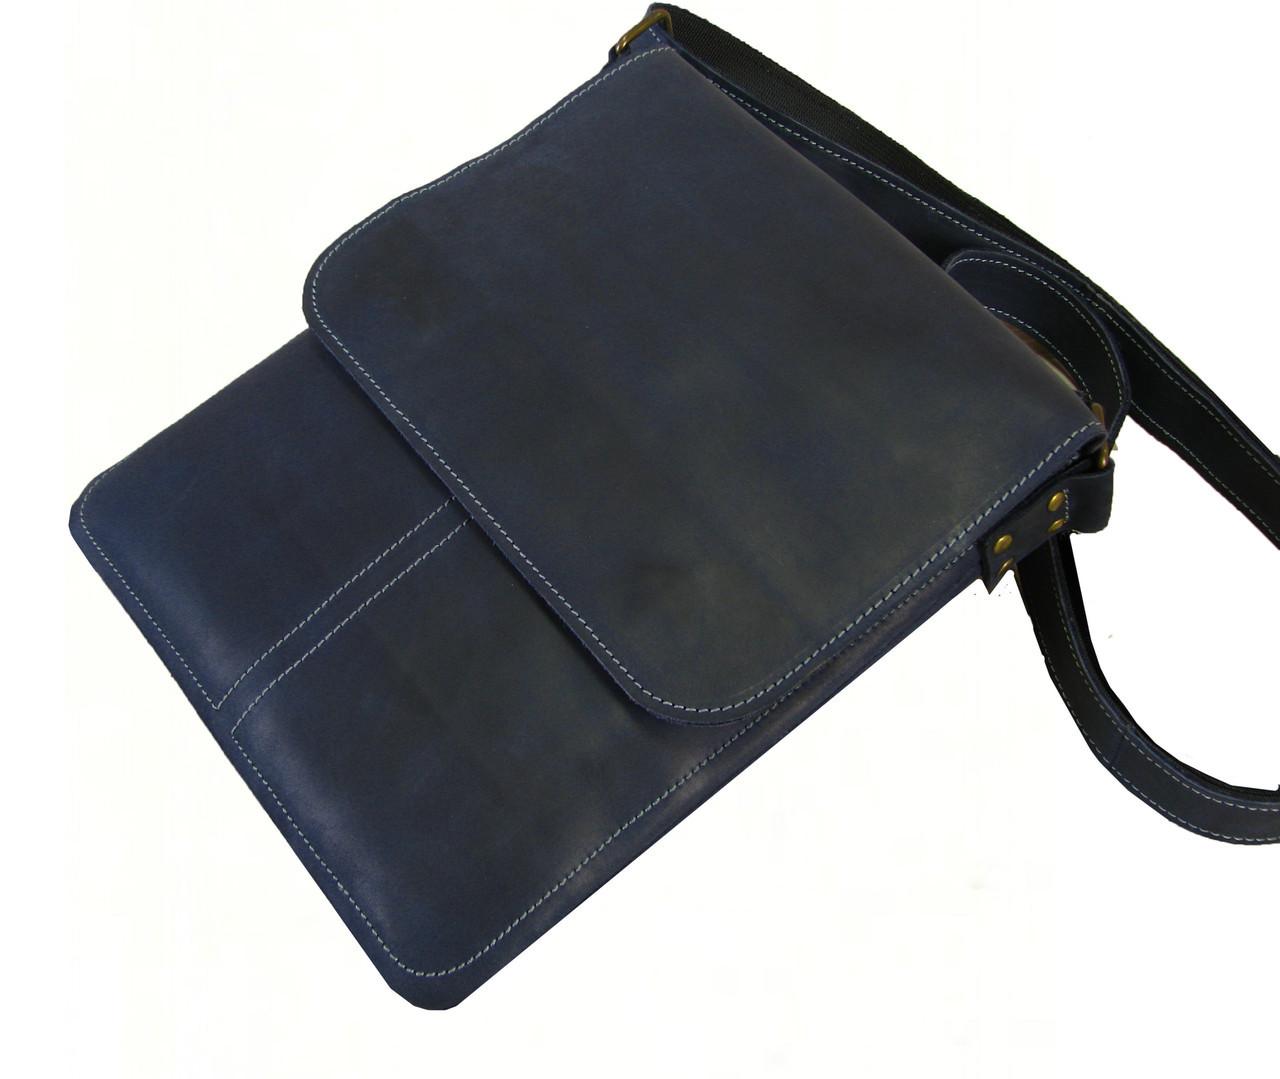 Мужская сумка планшет GS кожаная синяя